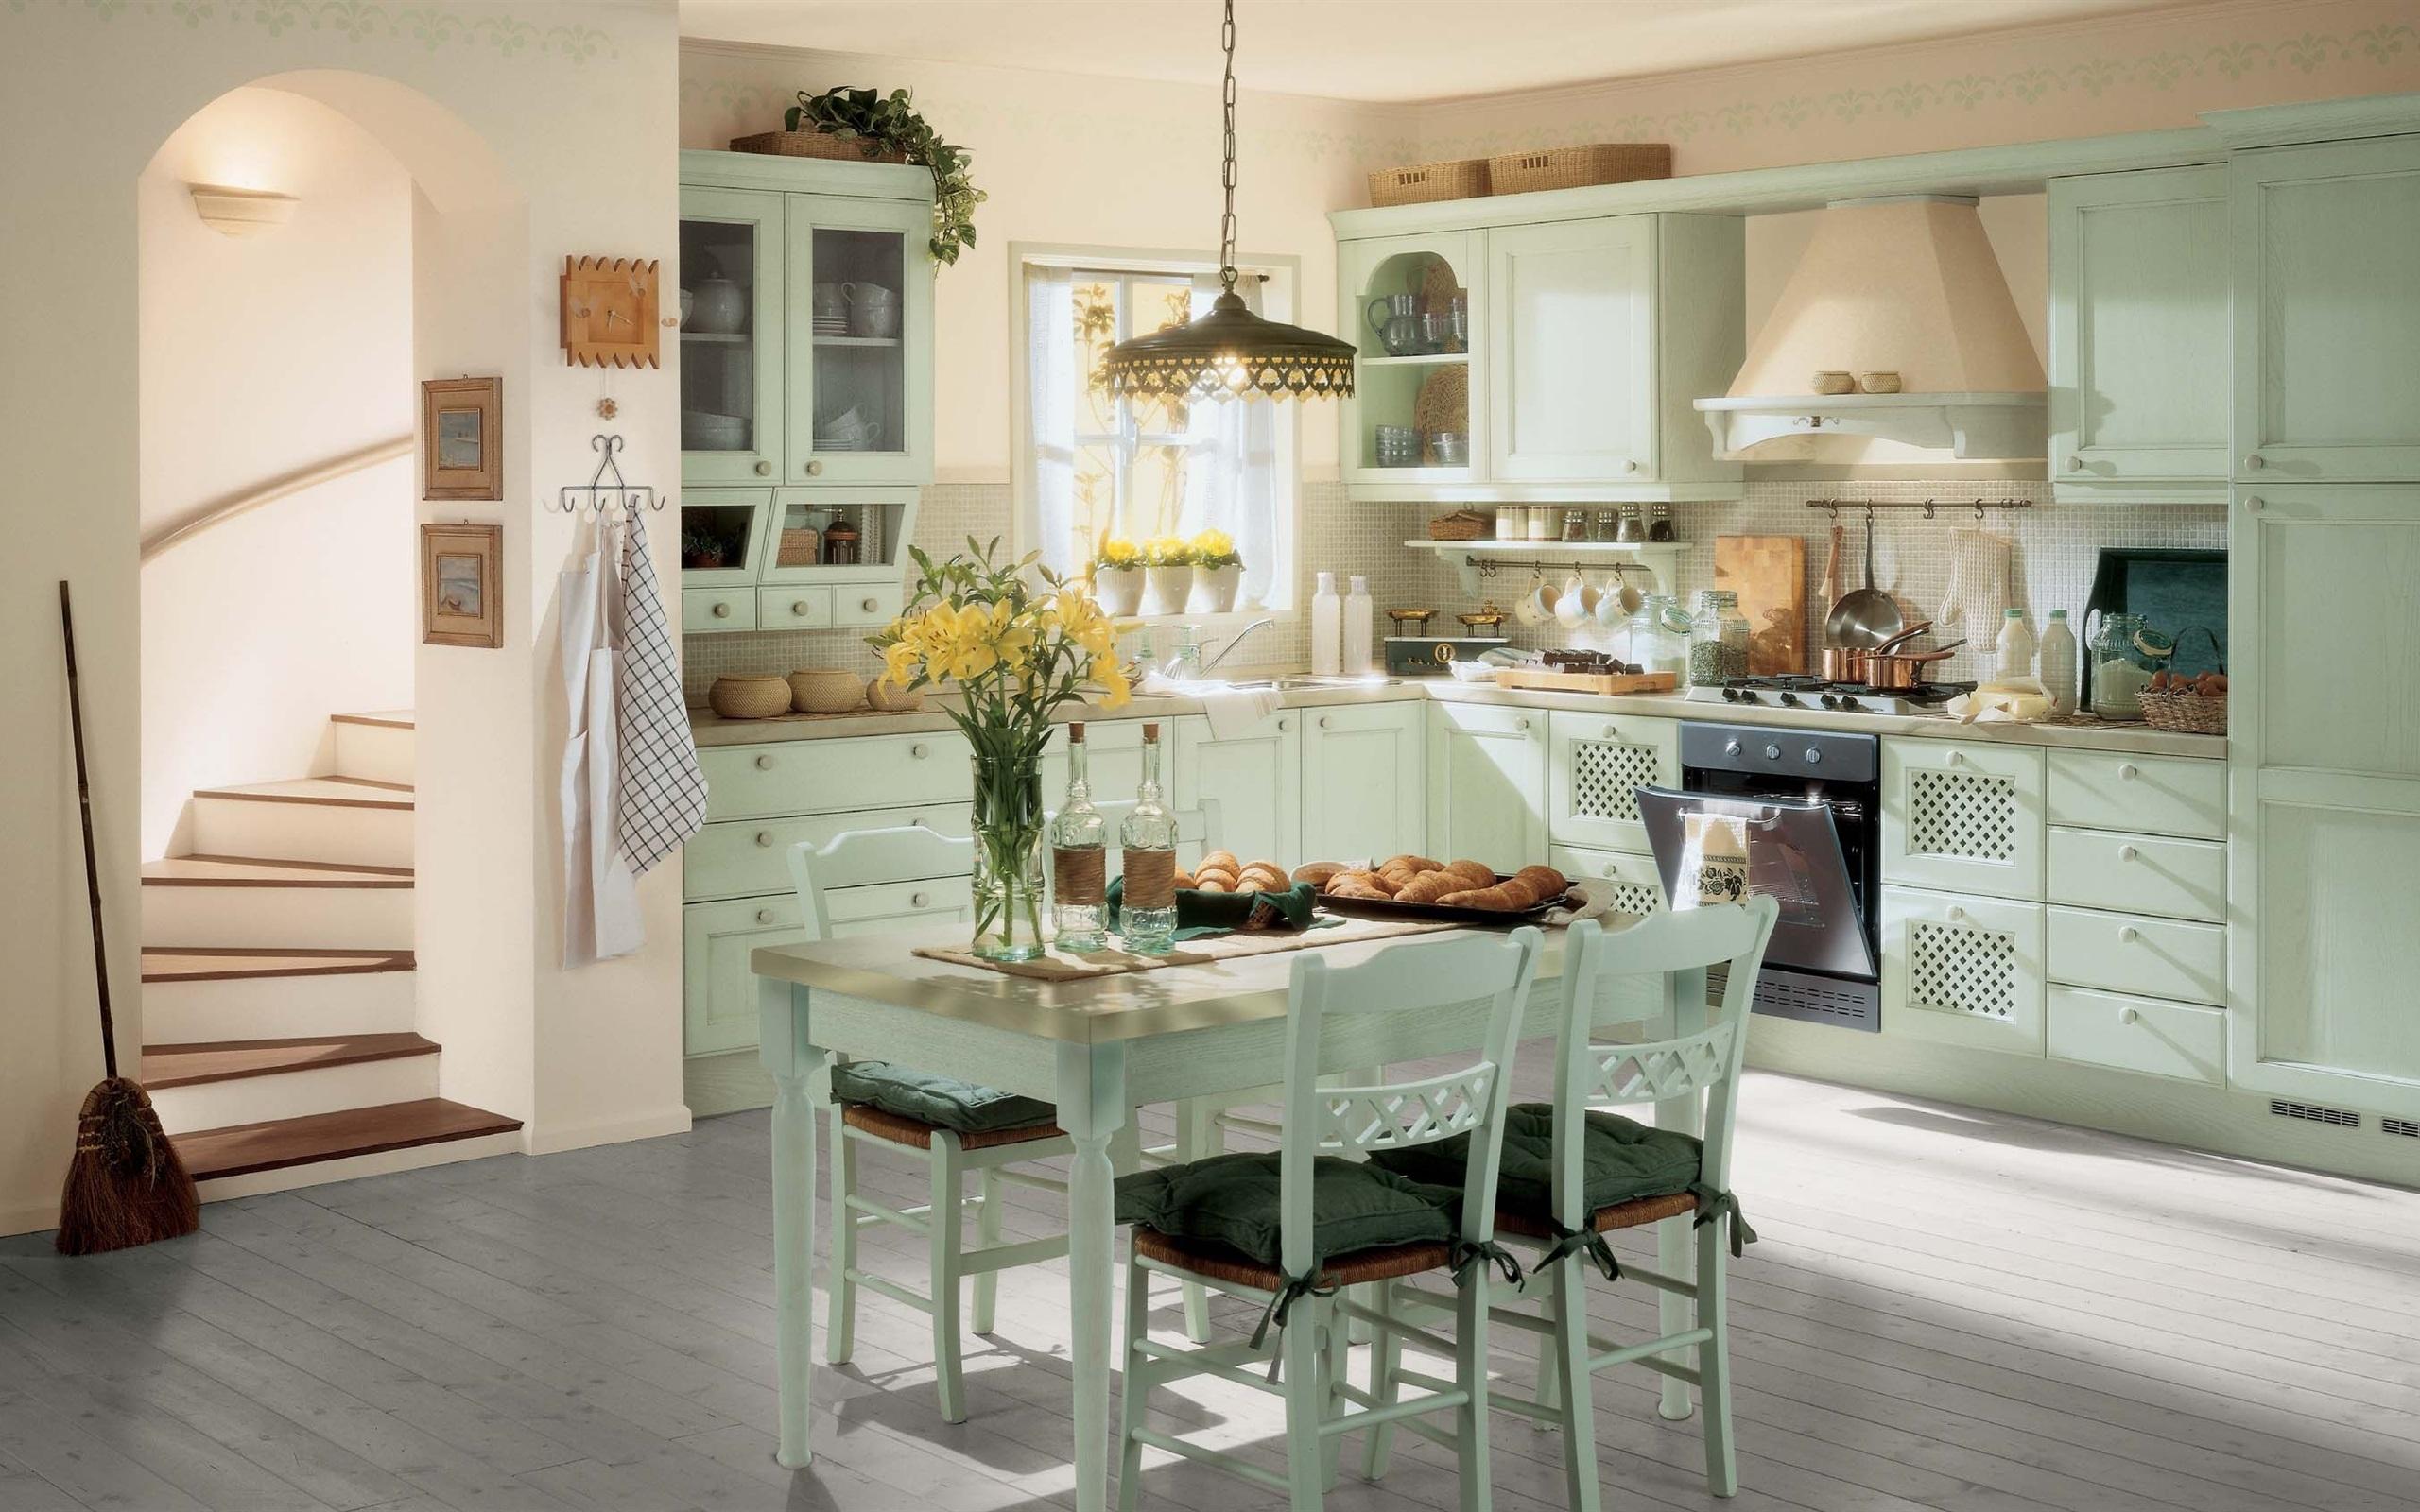 Küche, Zimmer, Interieur, Vintage 2560x1600 HD Hintergrundbilder, HD ...